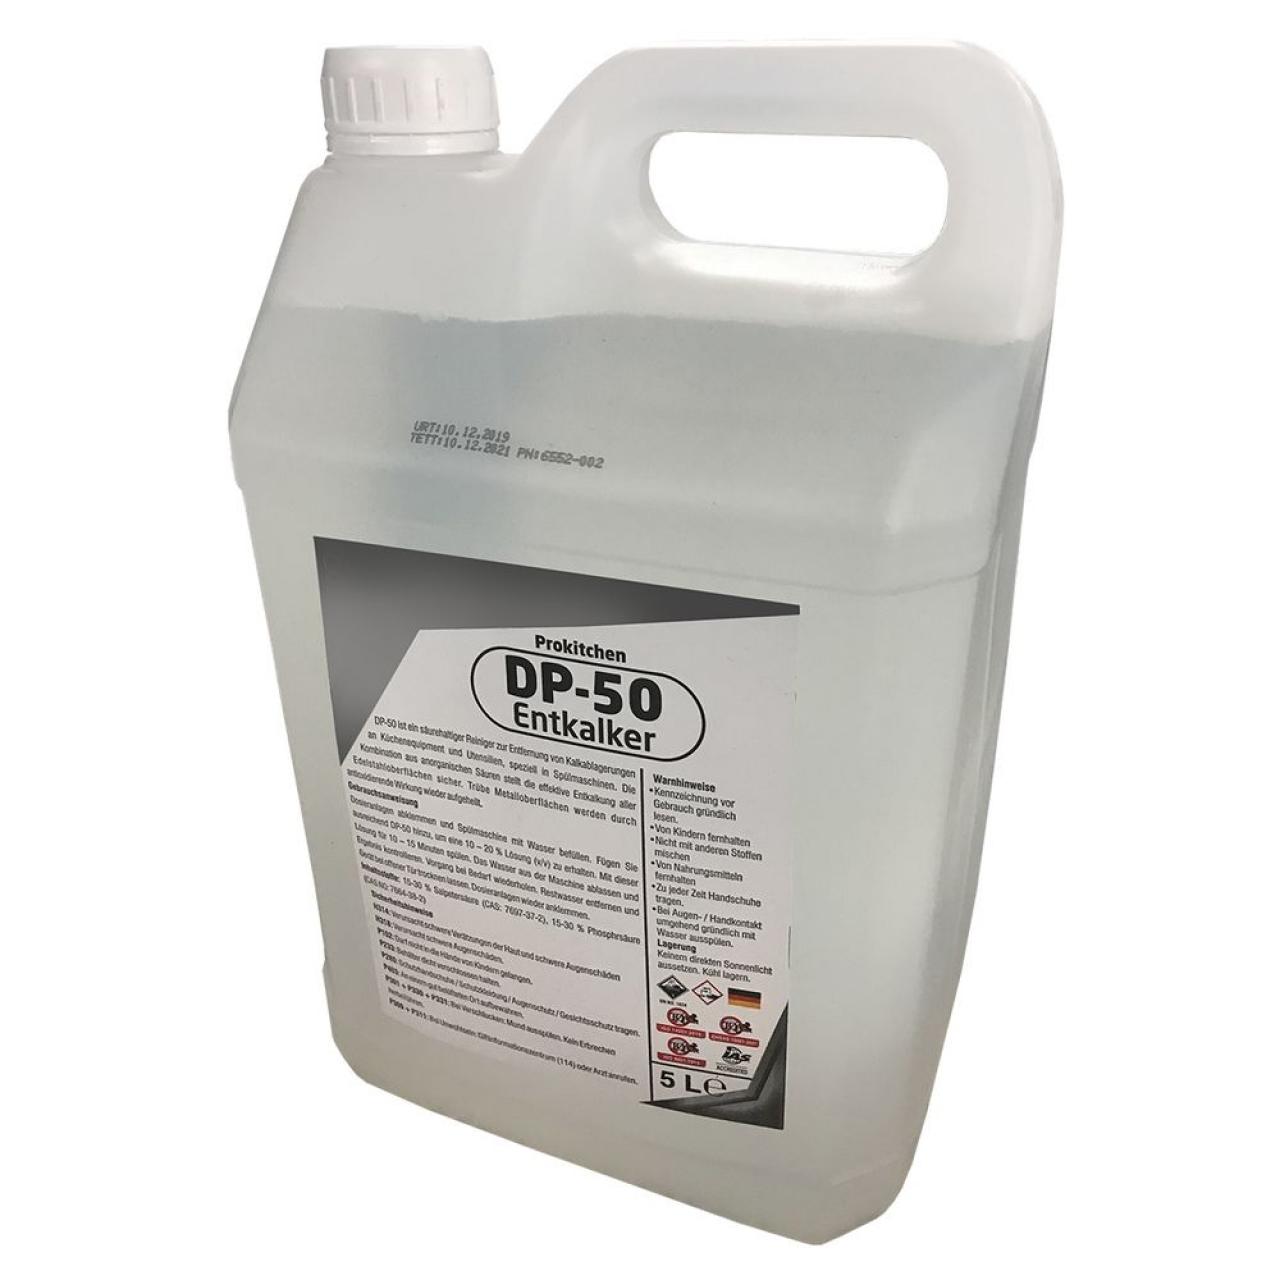 Nõudepesumasina katlakivieemaldaja (8 tk) - 5 liitrit